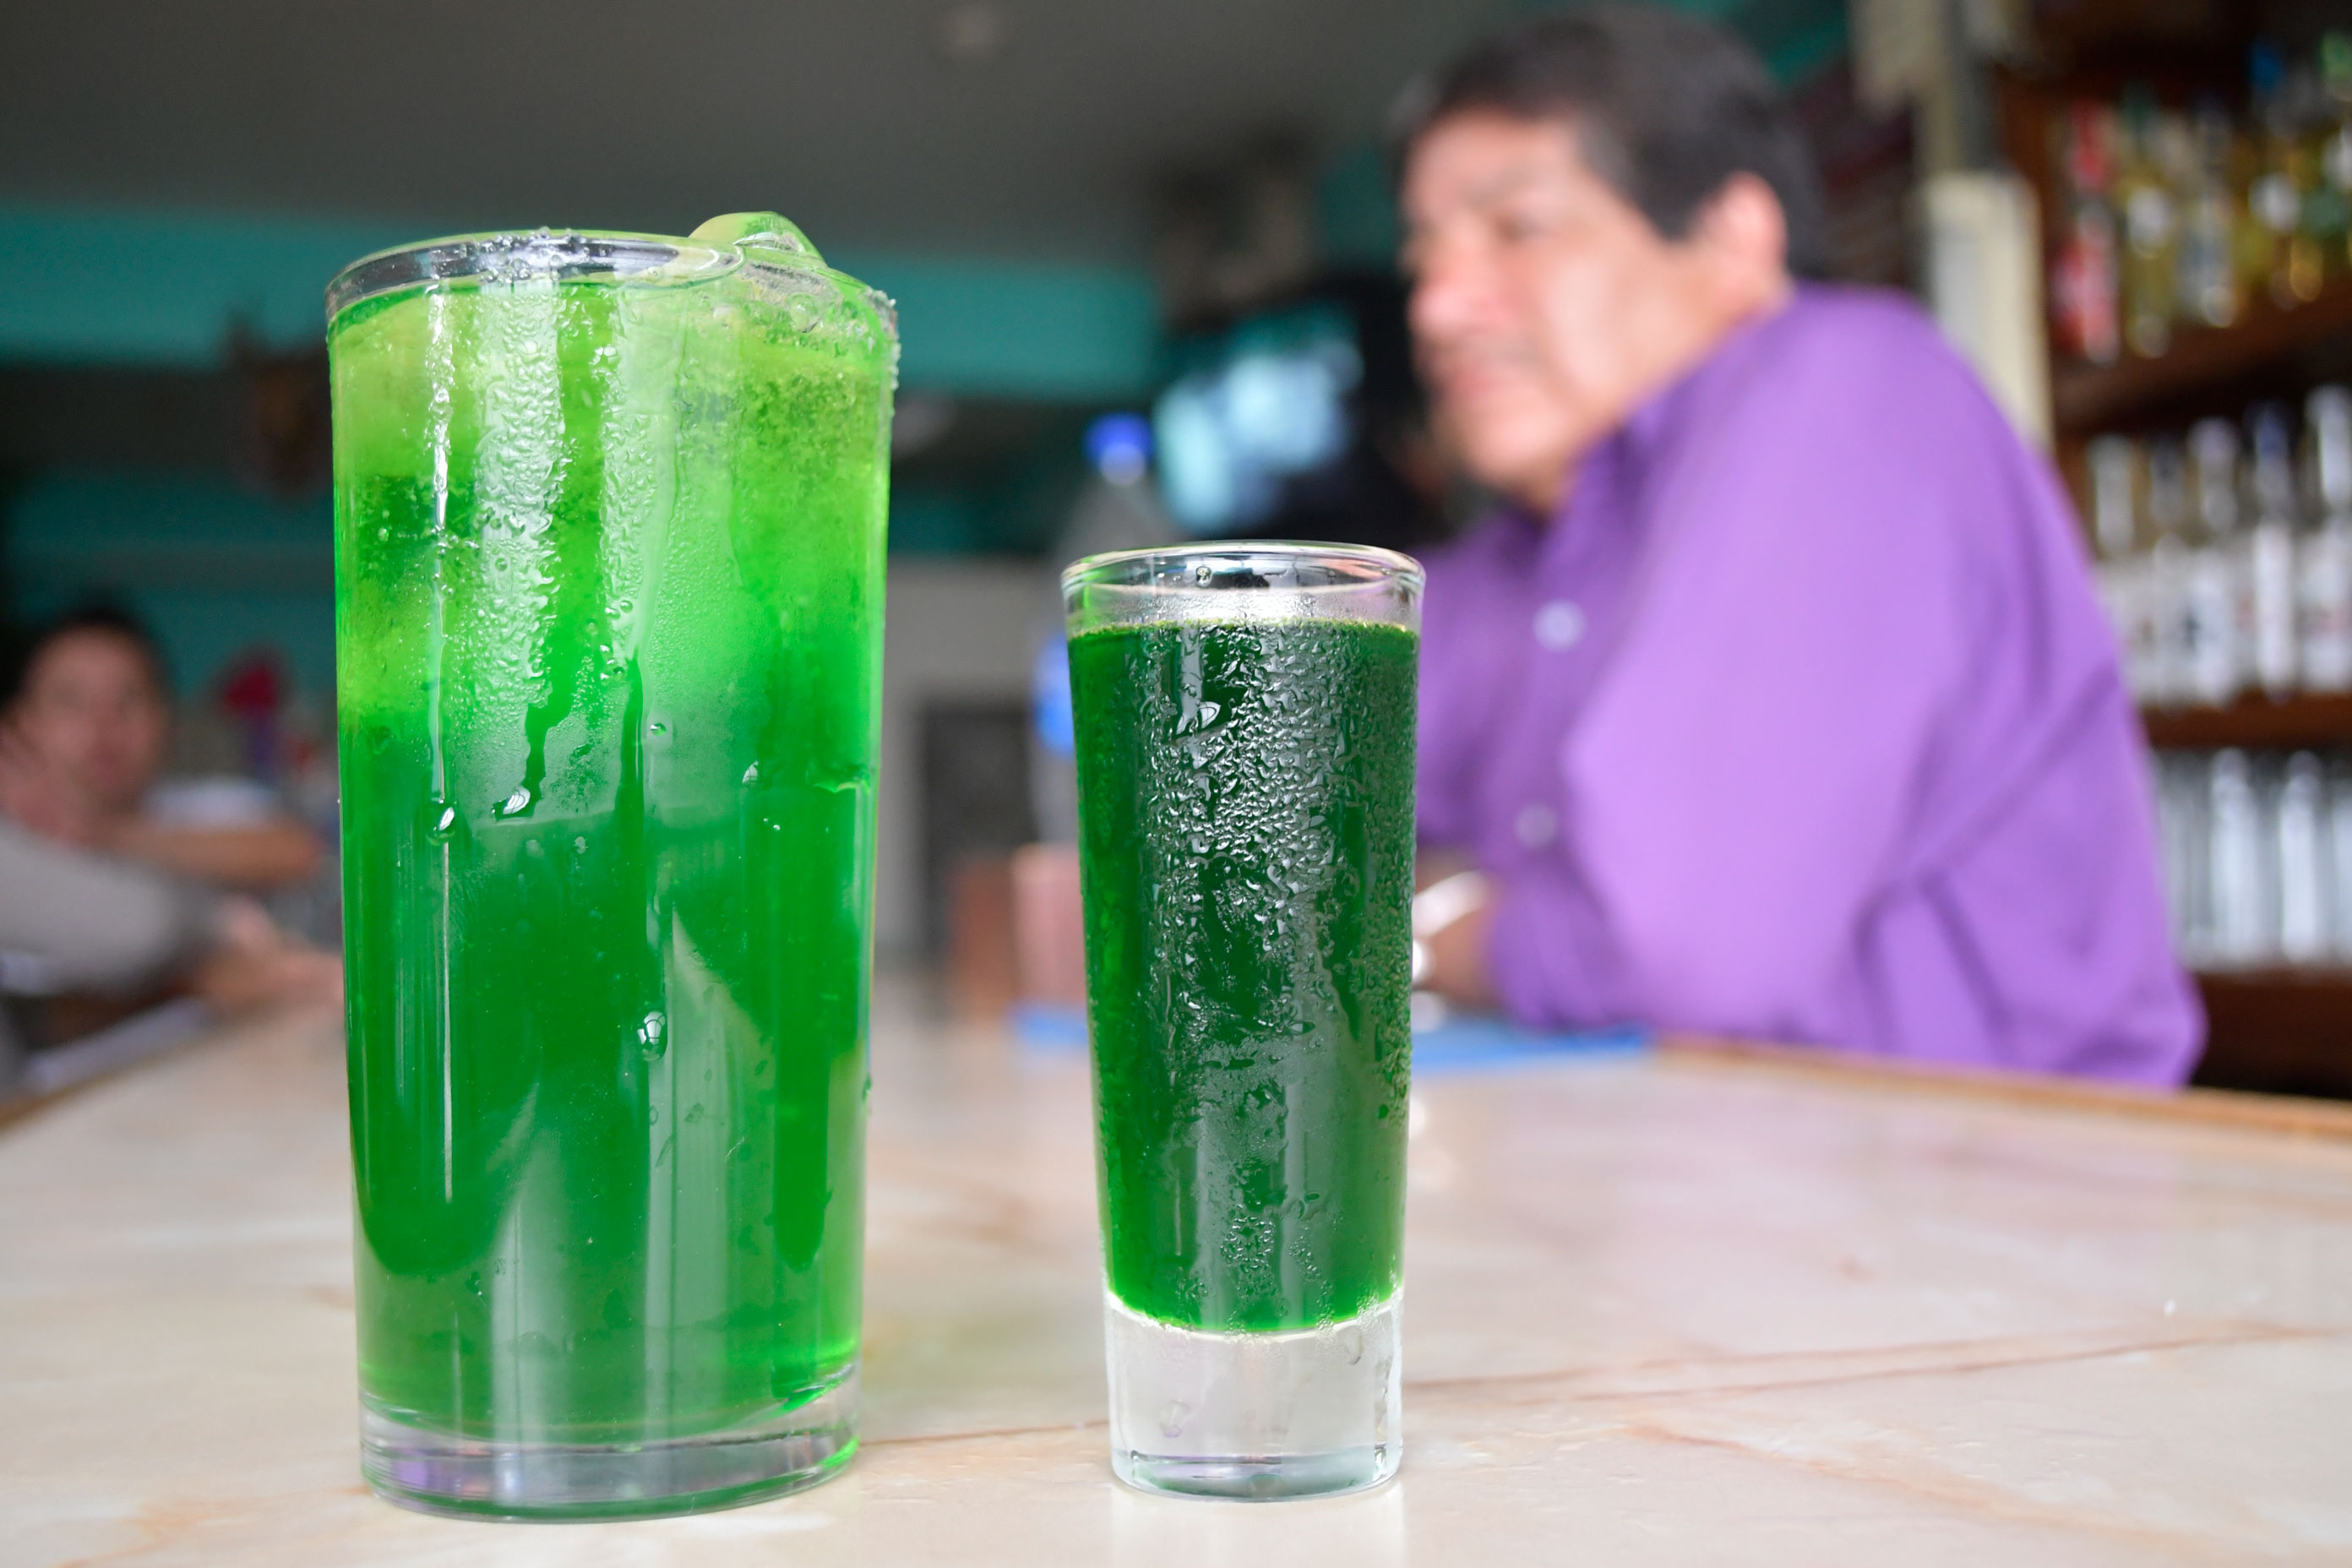 los-perros-bebida-tradicional-que-distingue-desde-hace-mas-de-80-anos-a-toluca2